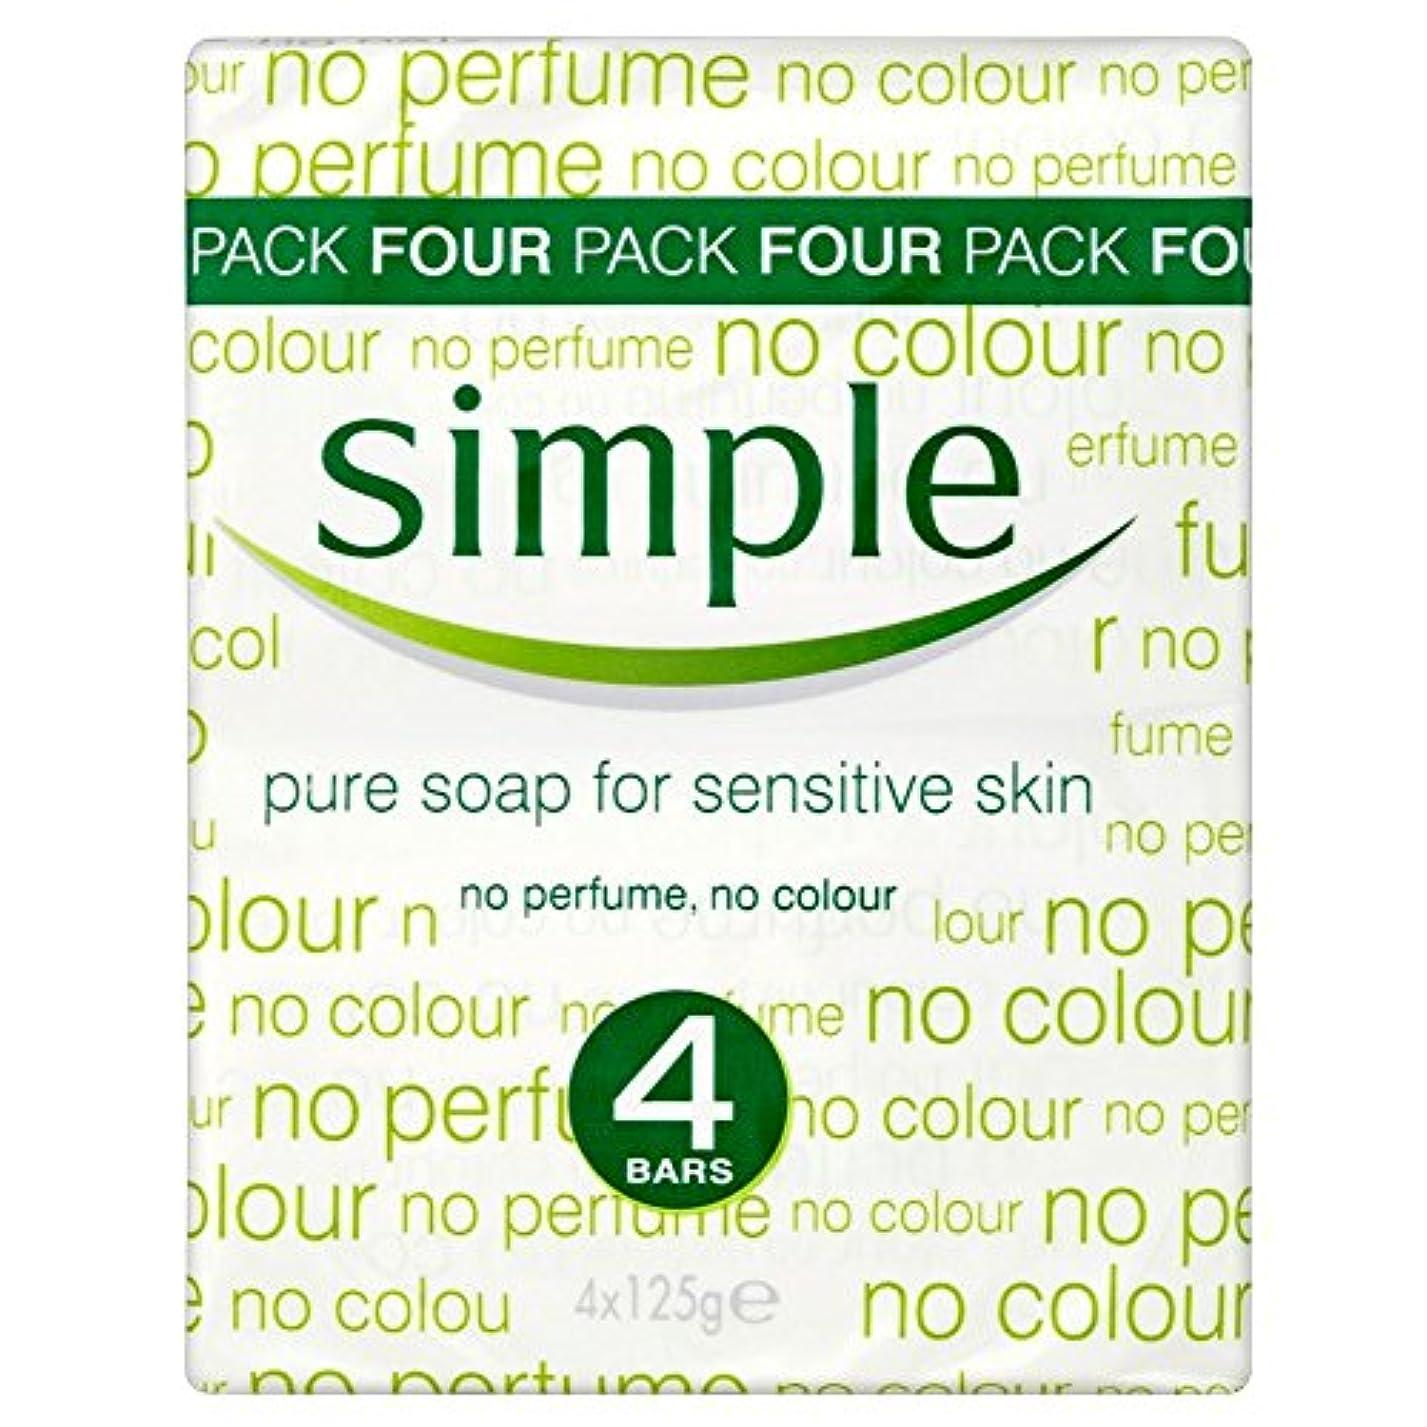 そこ独裁トマトSimple Pure Soap for Sensitive Skin (4x125g) 敏感肌のためのシンプルな純粋な石鹸( 4X125G ) [並行輸入品]